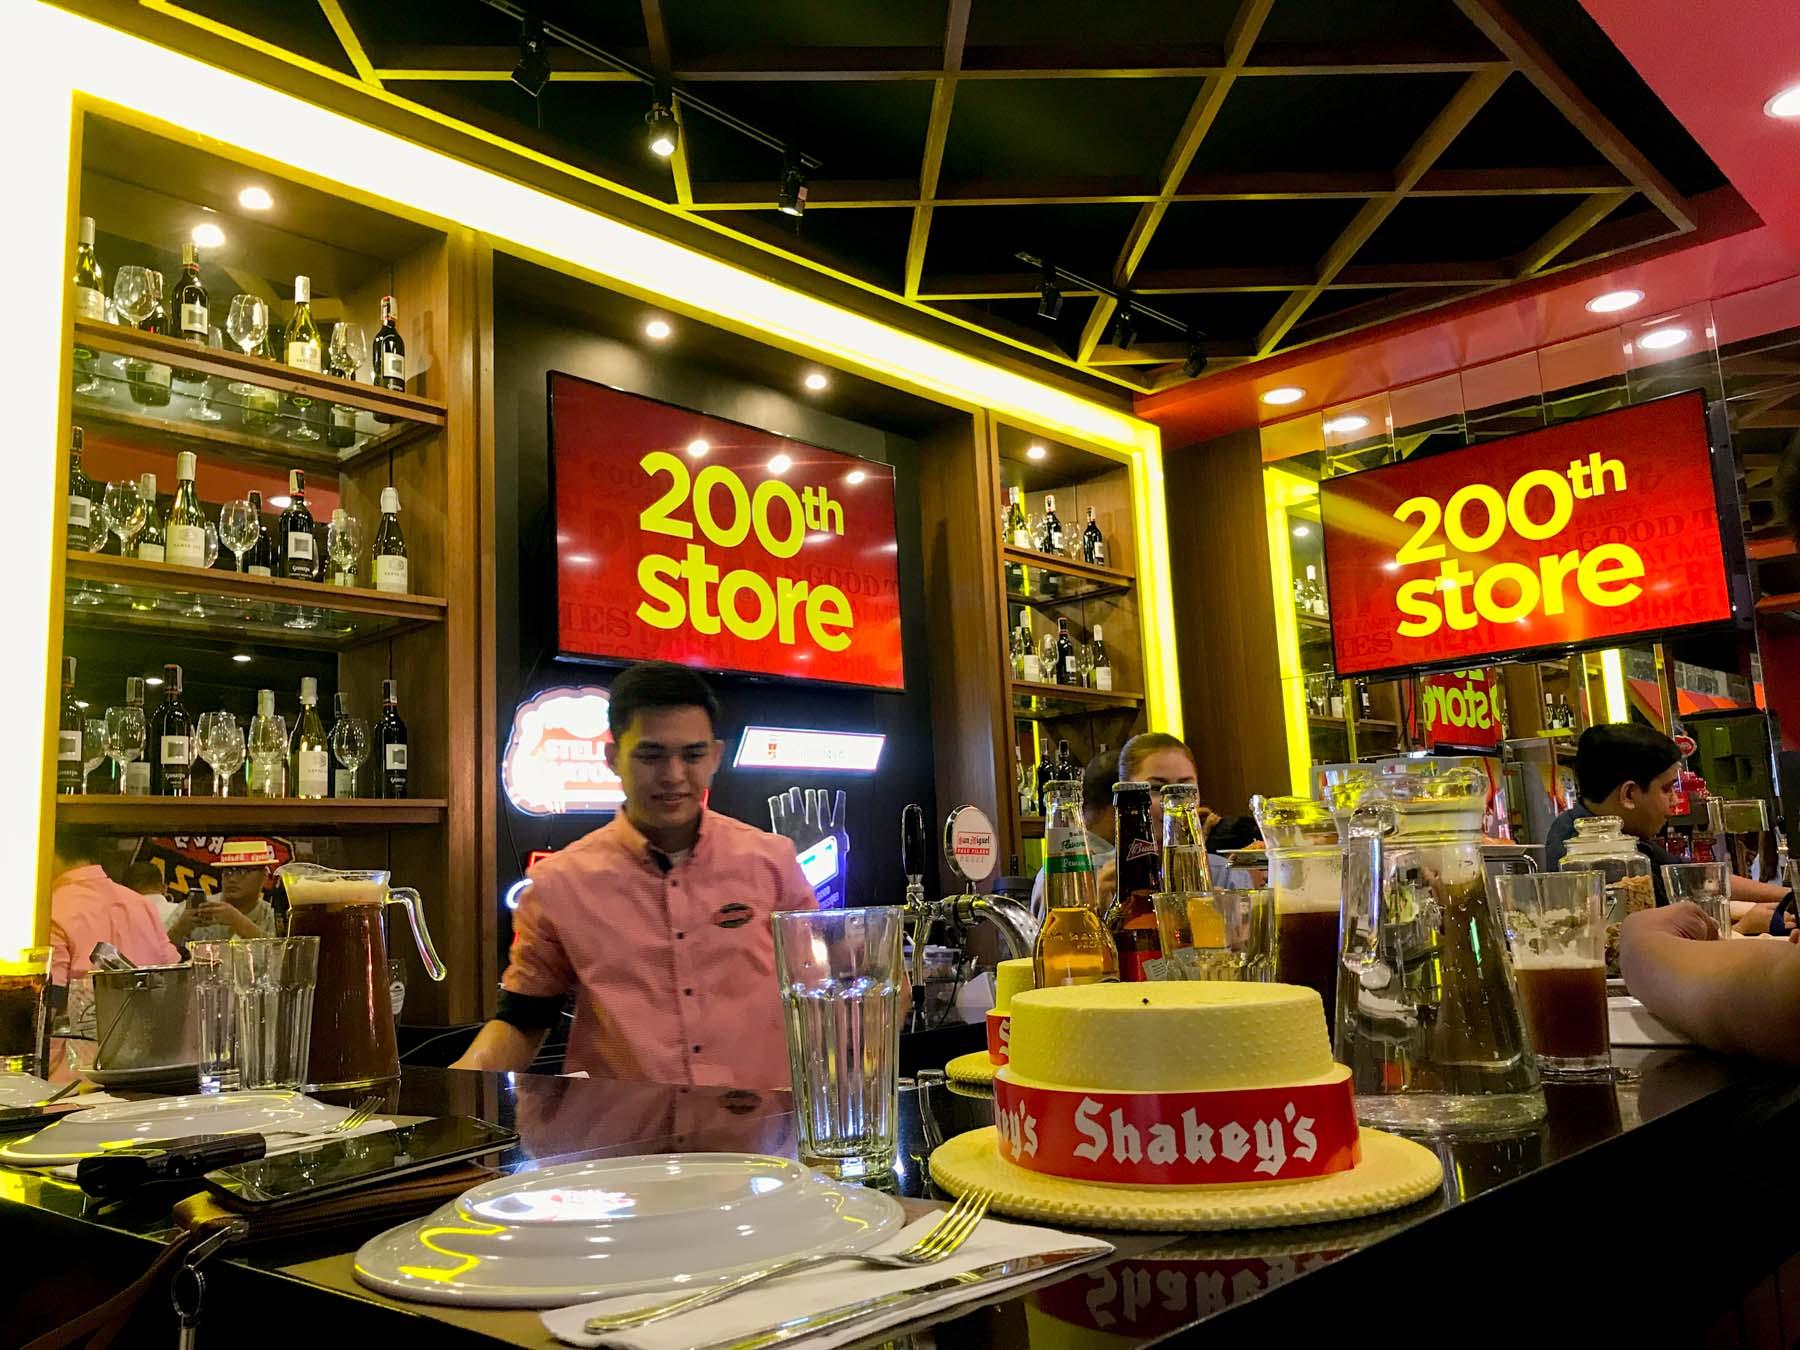 's shakey 200th store